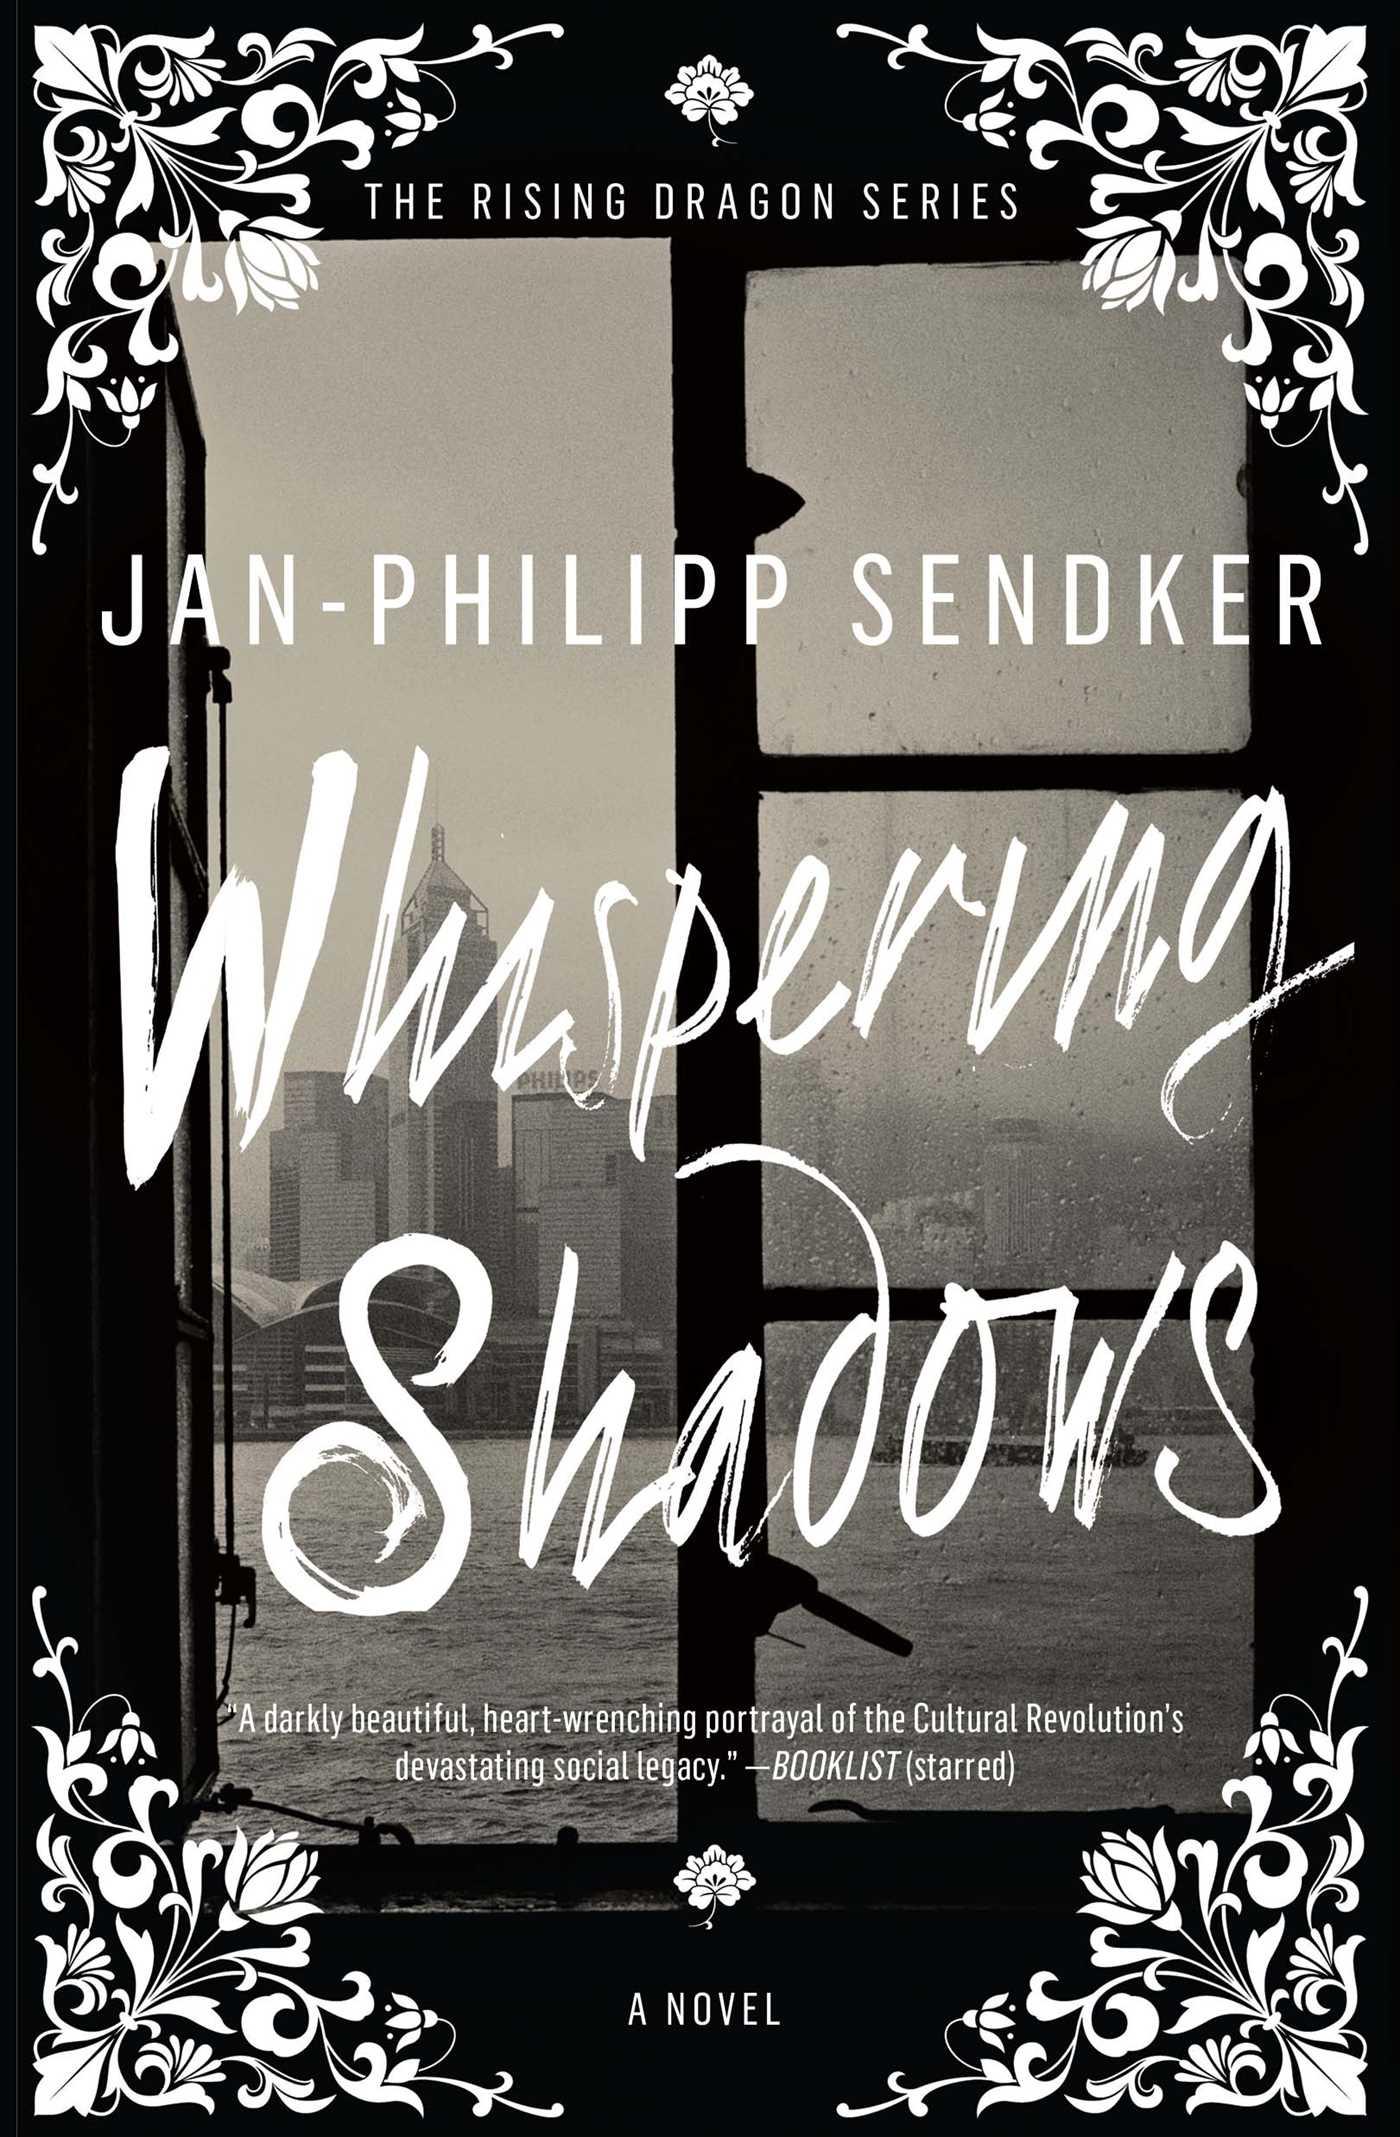 Fler böcker av Jan-Philipp Sendker